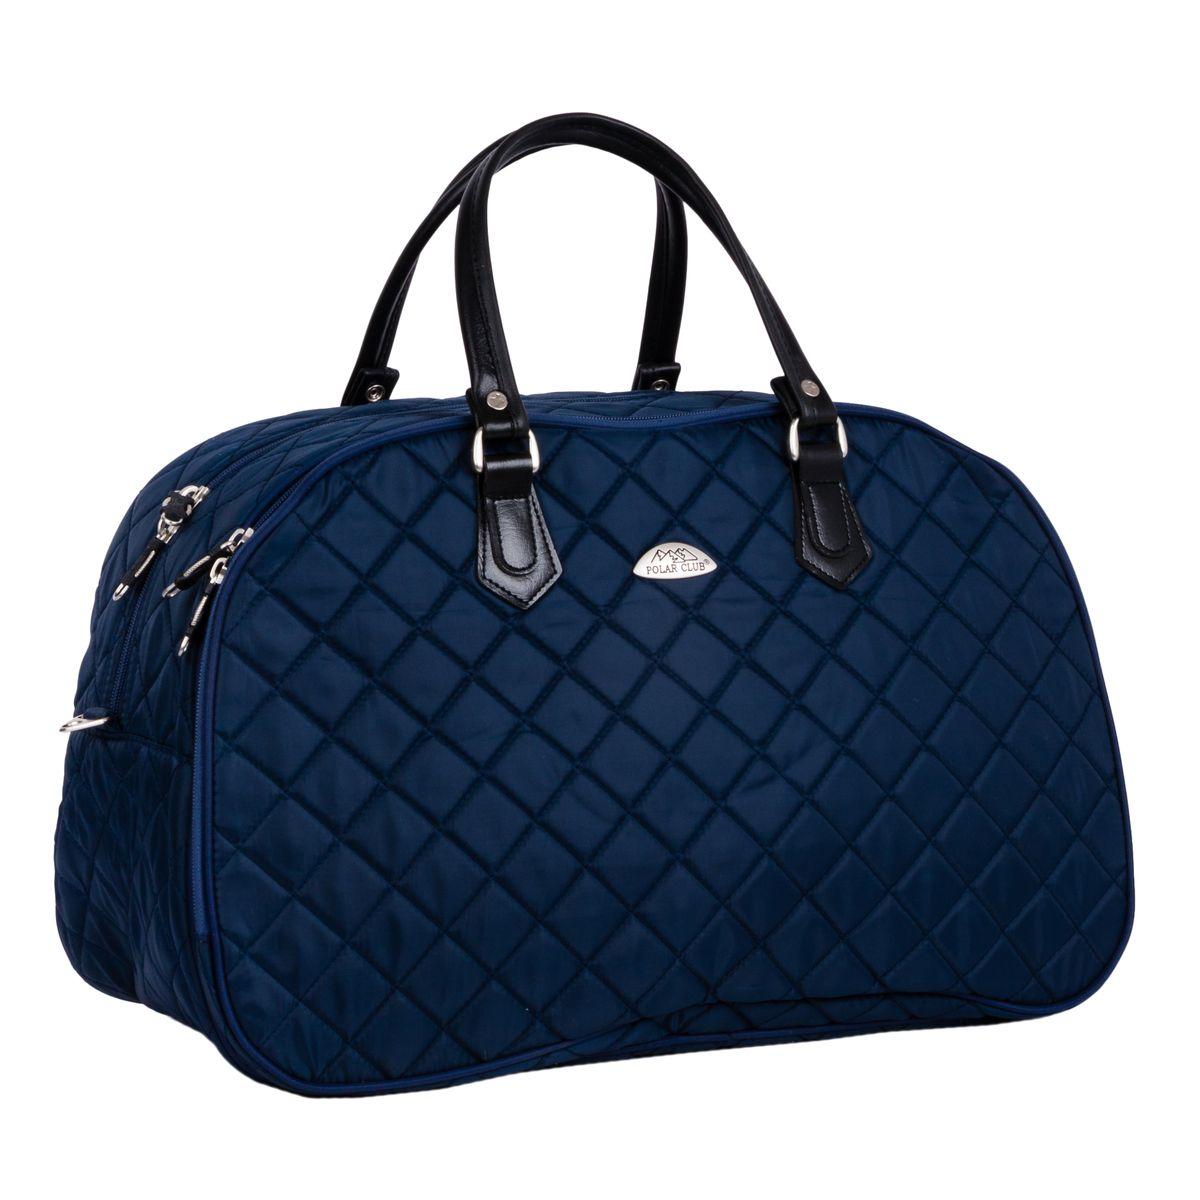 Сумка дорожная Polar, цвет: синий, 46,5 л. 7049.2 рюкзак polar polar po001buawne5